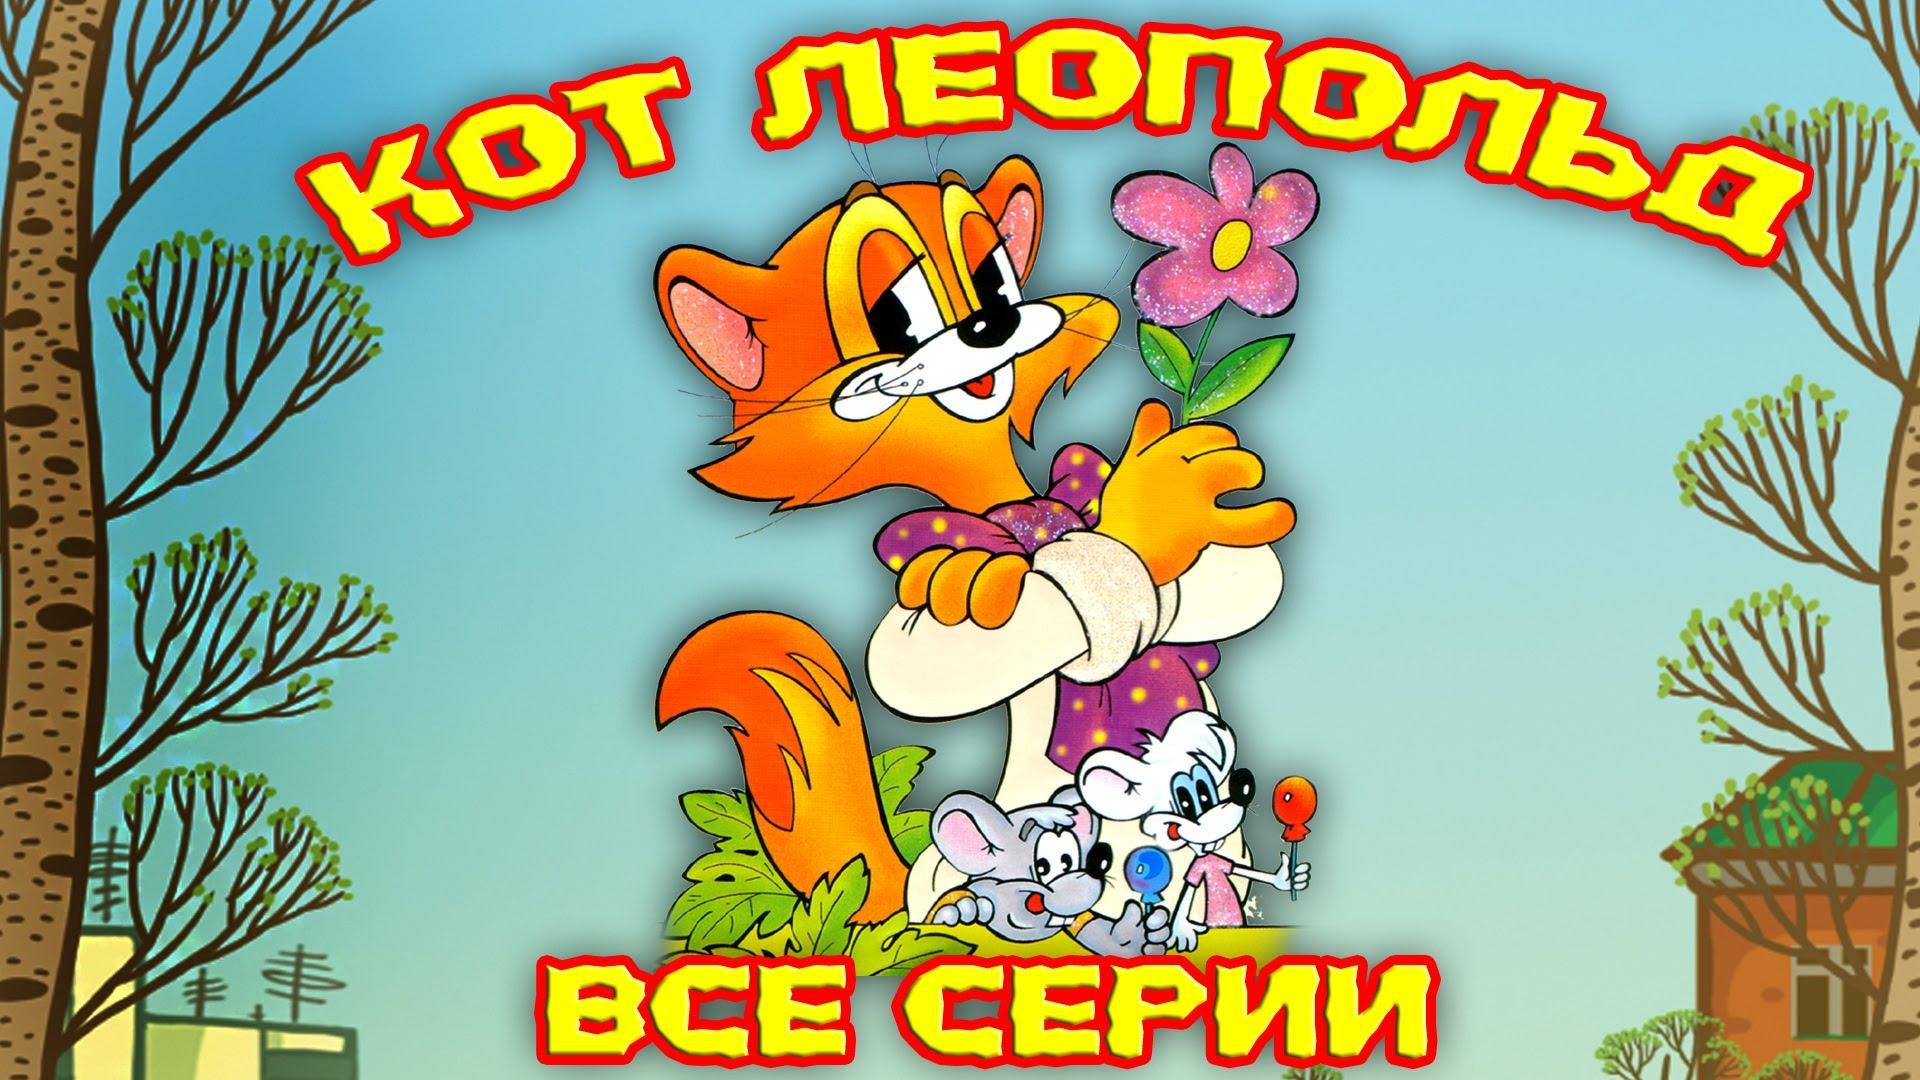 Мультфильм кот леопольд 1